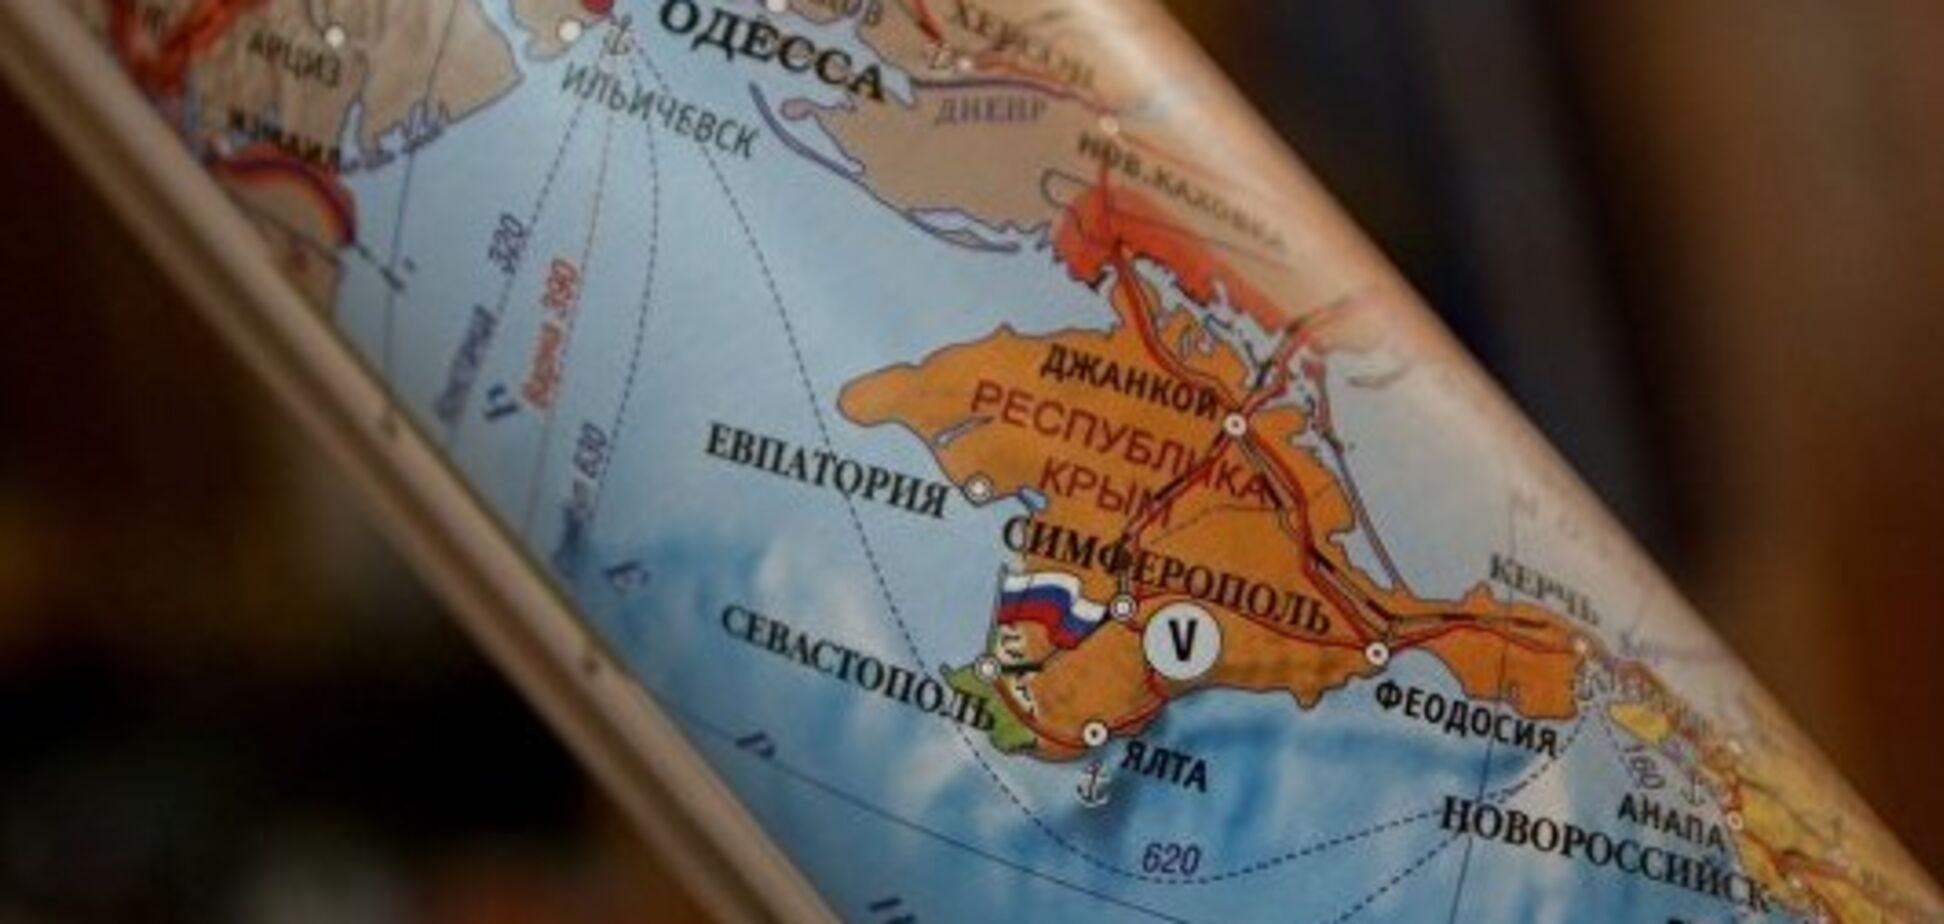 Сжечь старые карты? Россия пошла на масштабную аферу с краденным Крымом